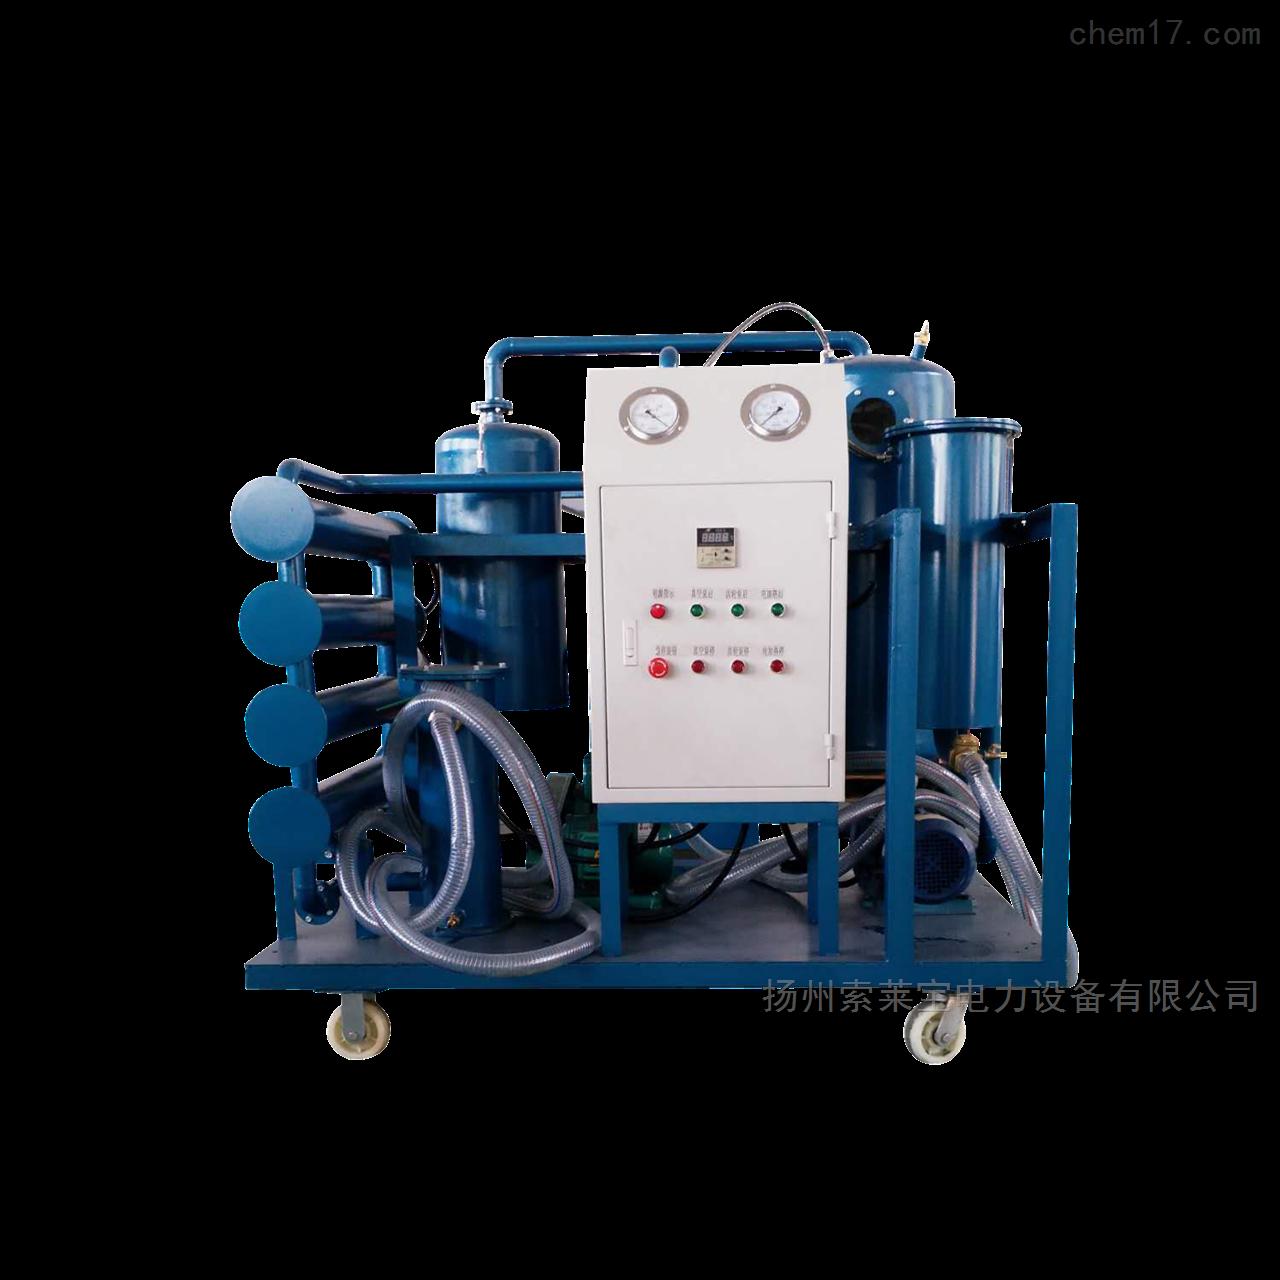 五级承装承修承试ZAJ高效真空滤油机